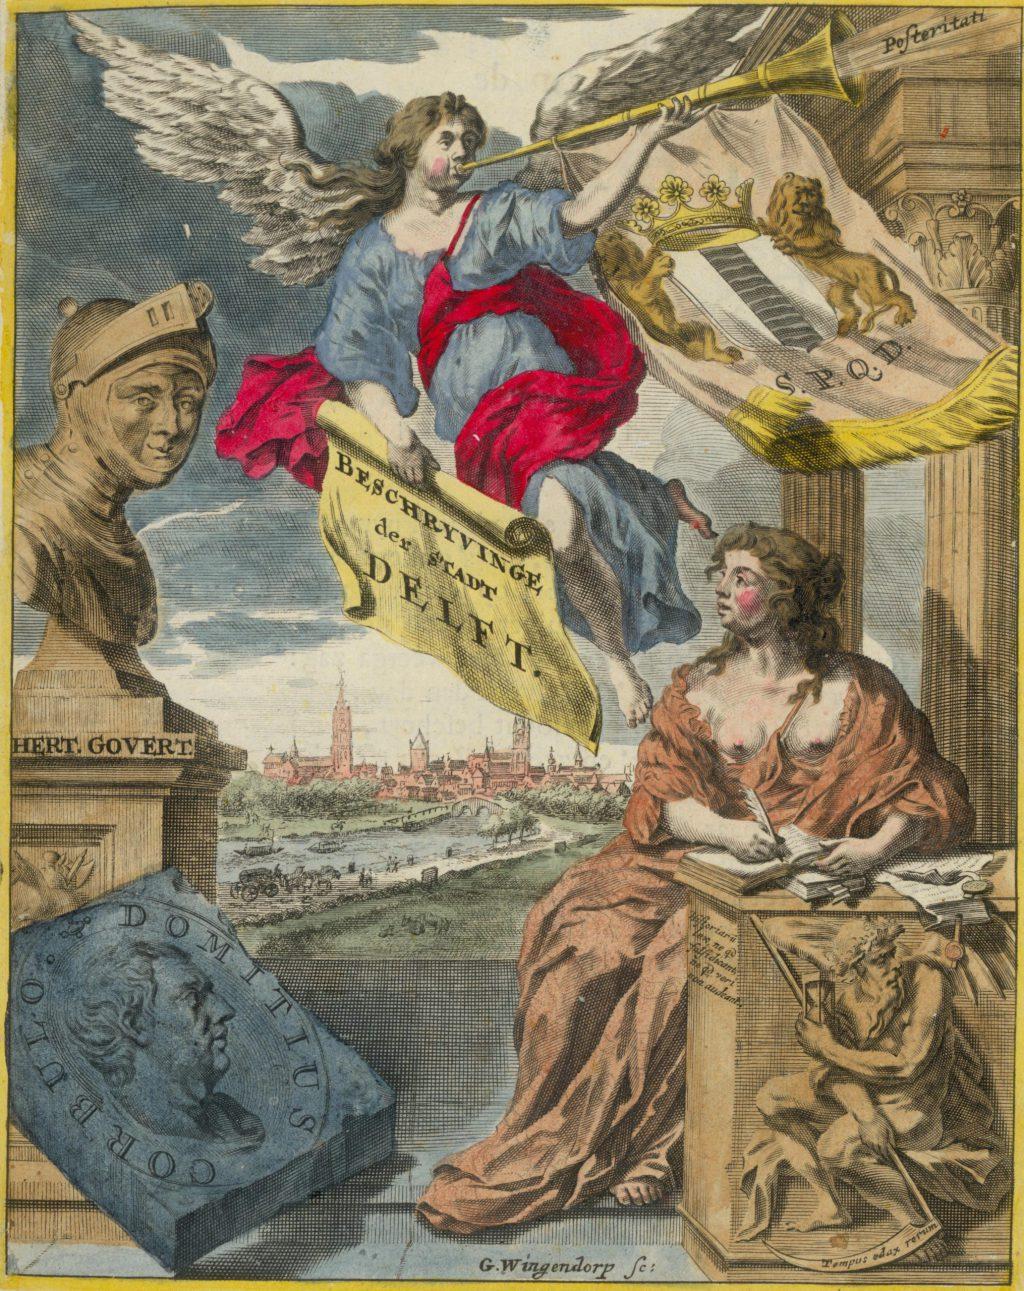 Titelprent van Dirck van Bleyswijck, Beschryvinge der stadt Delft, 1667 (TMS 71492)